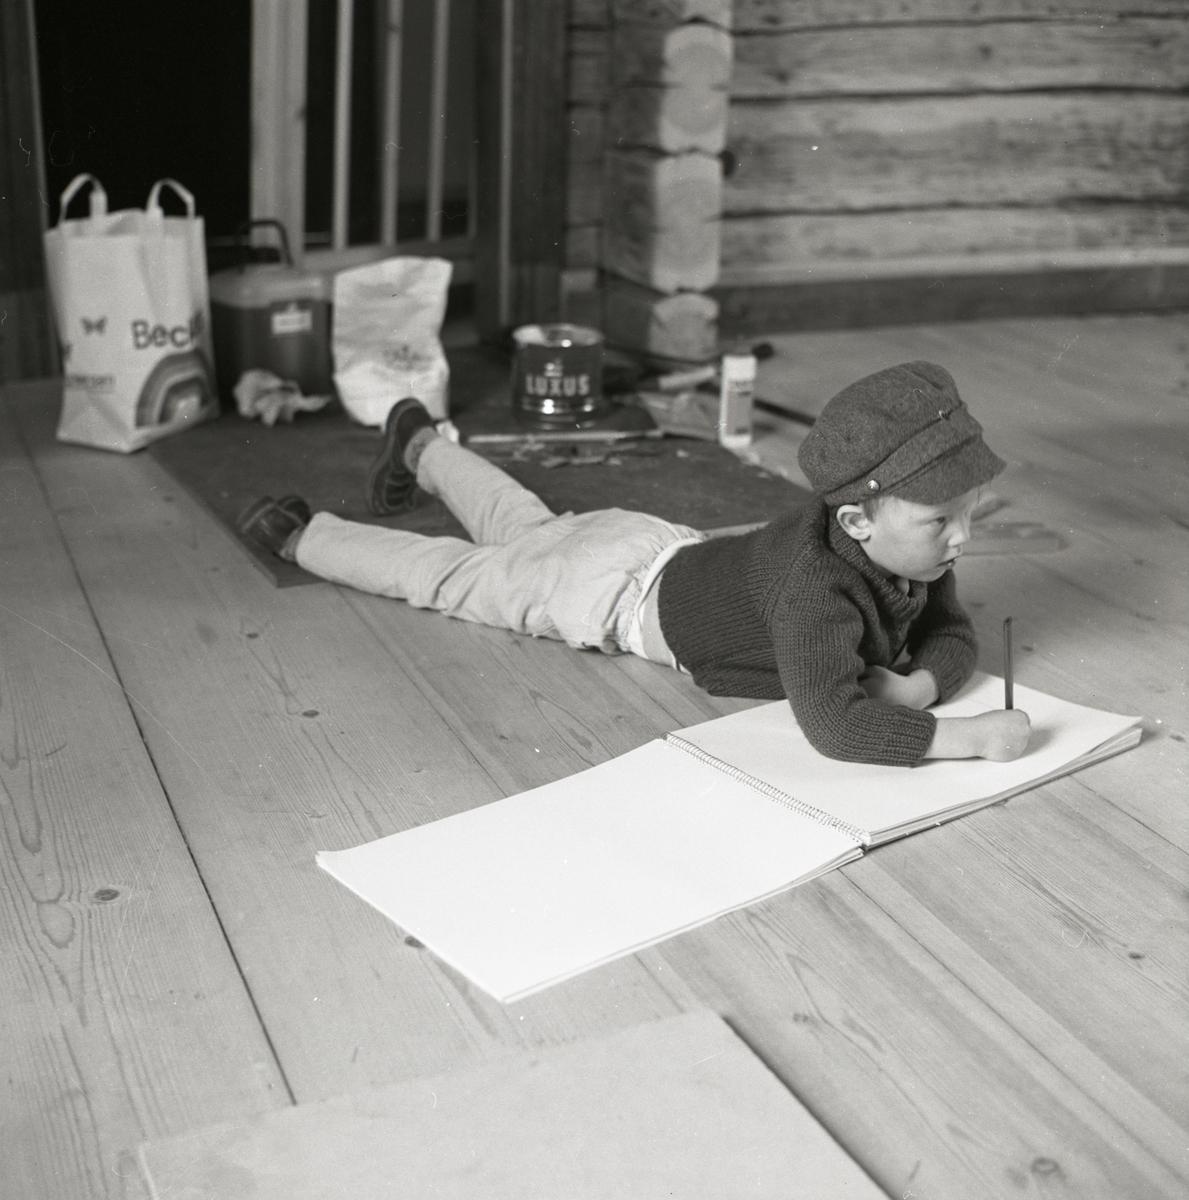 I ett rum på gården Sunnanåker ligger en pojke på golvet och ritar, 1968-1969.